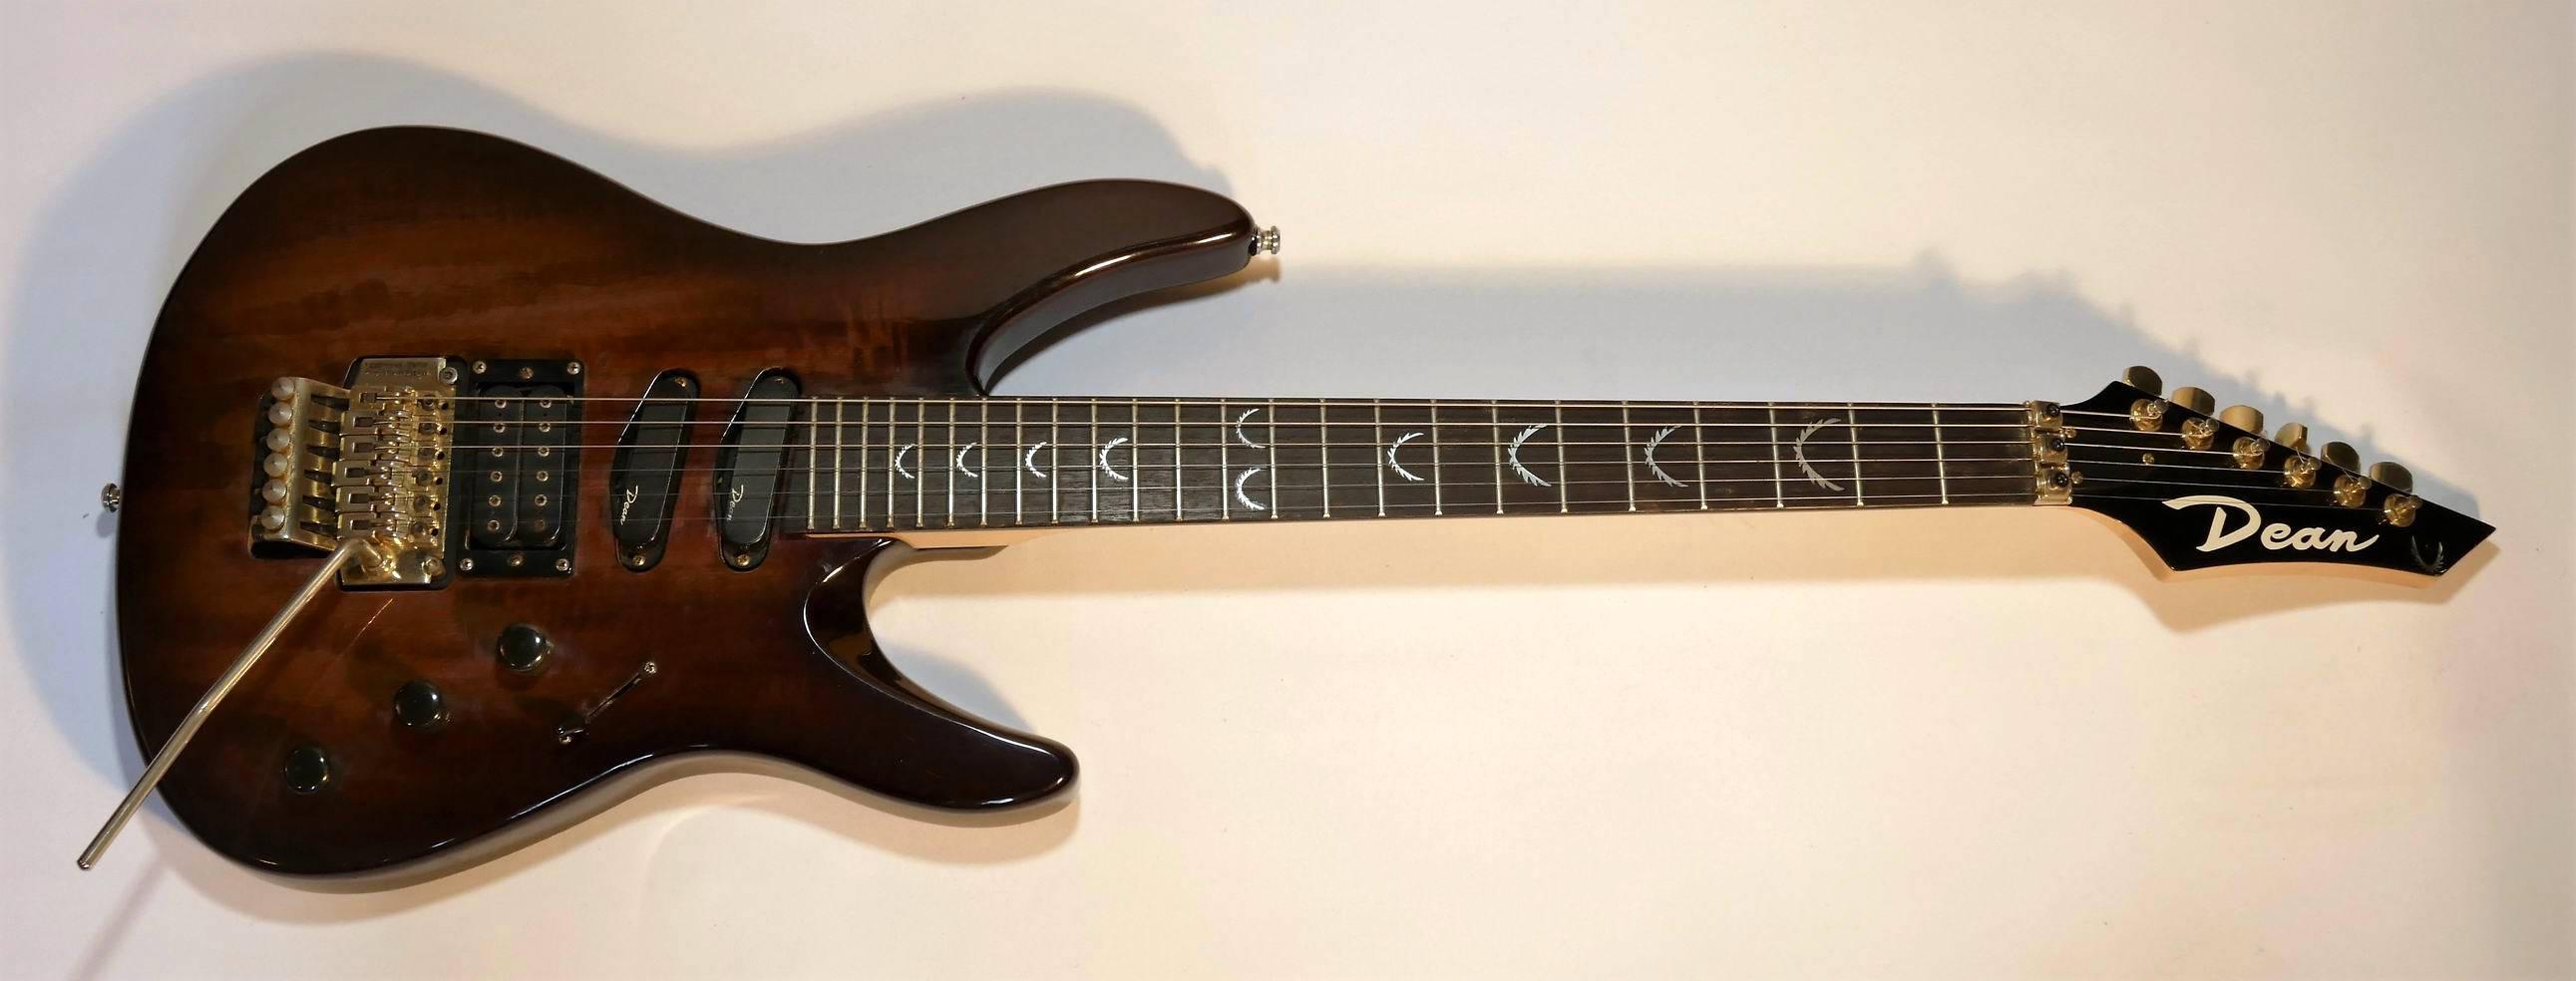 E-Gitarre DEAN D92e, gebraucht